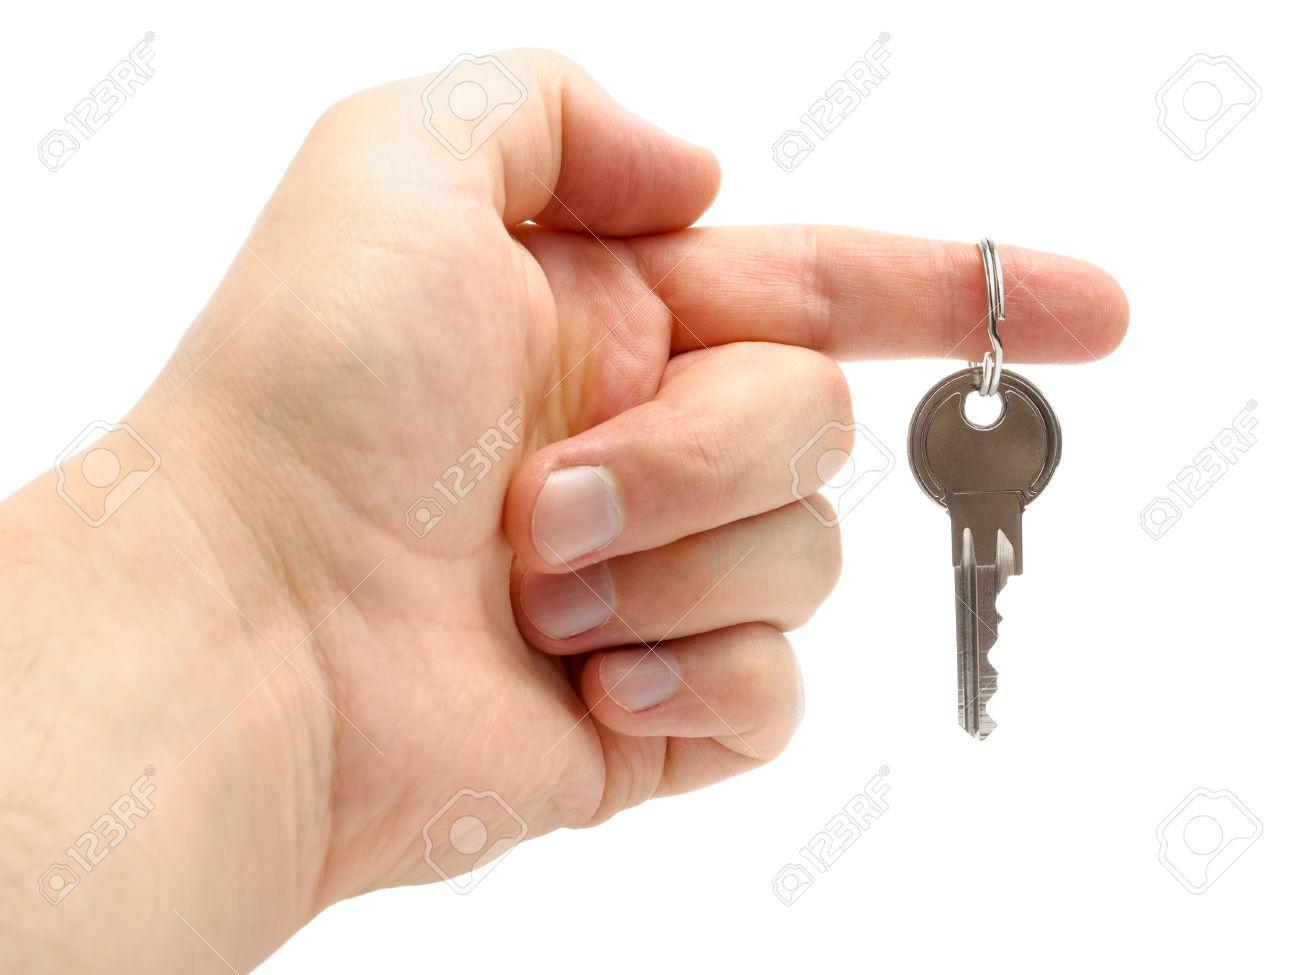 Een Nieuw Huis : Hand houden van de sleutel van een nieuw huis geïsoleerd op witte